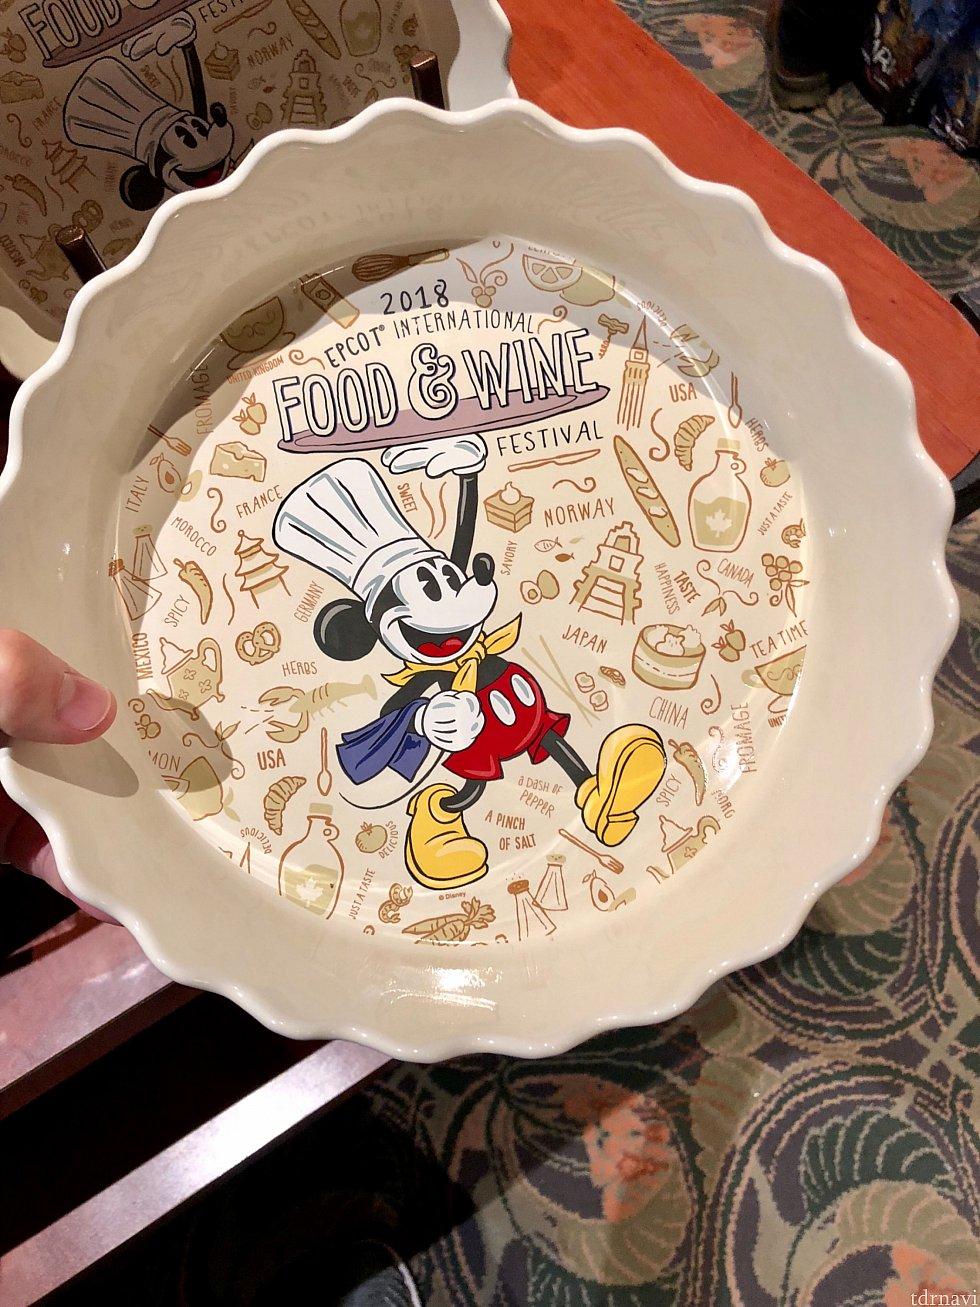 ミッキーロゴ入り丸皿もあります。$24.99